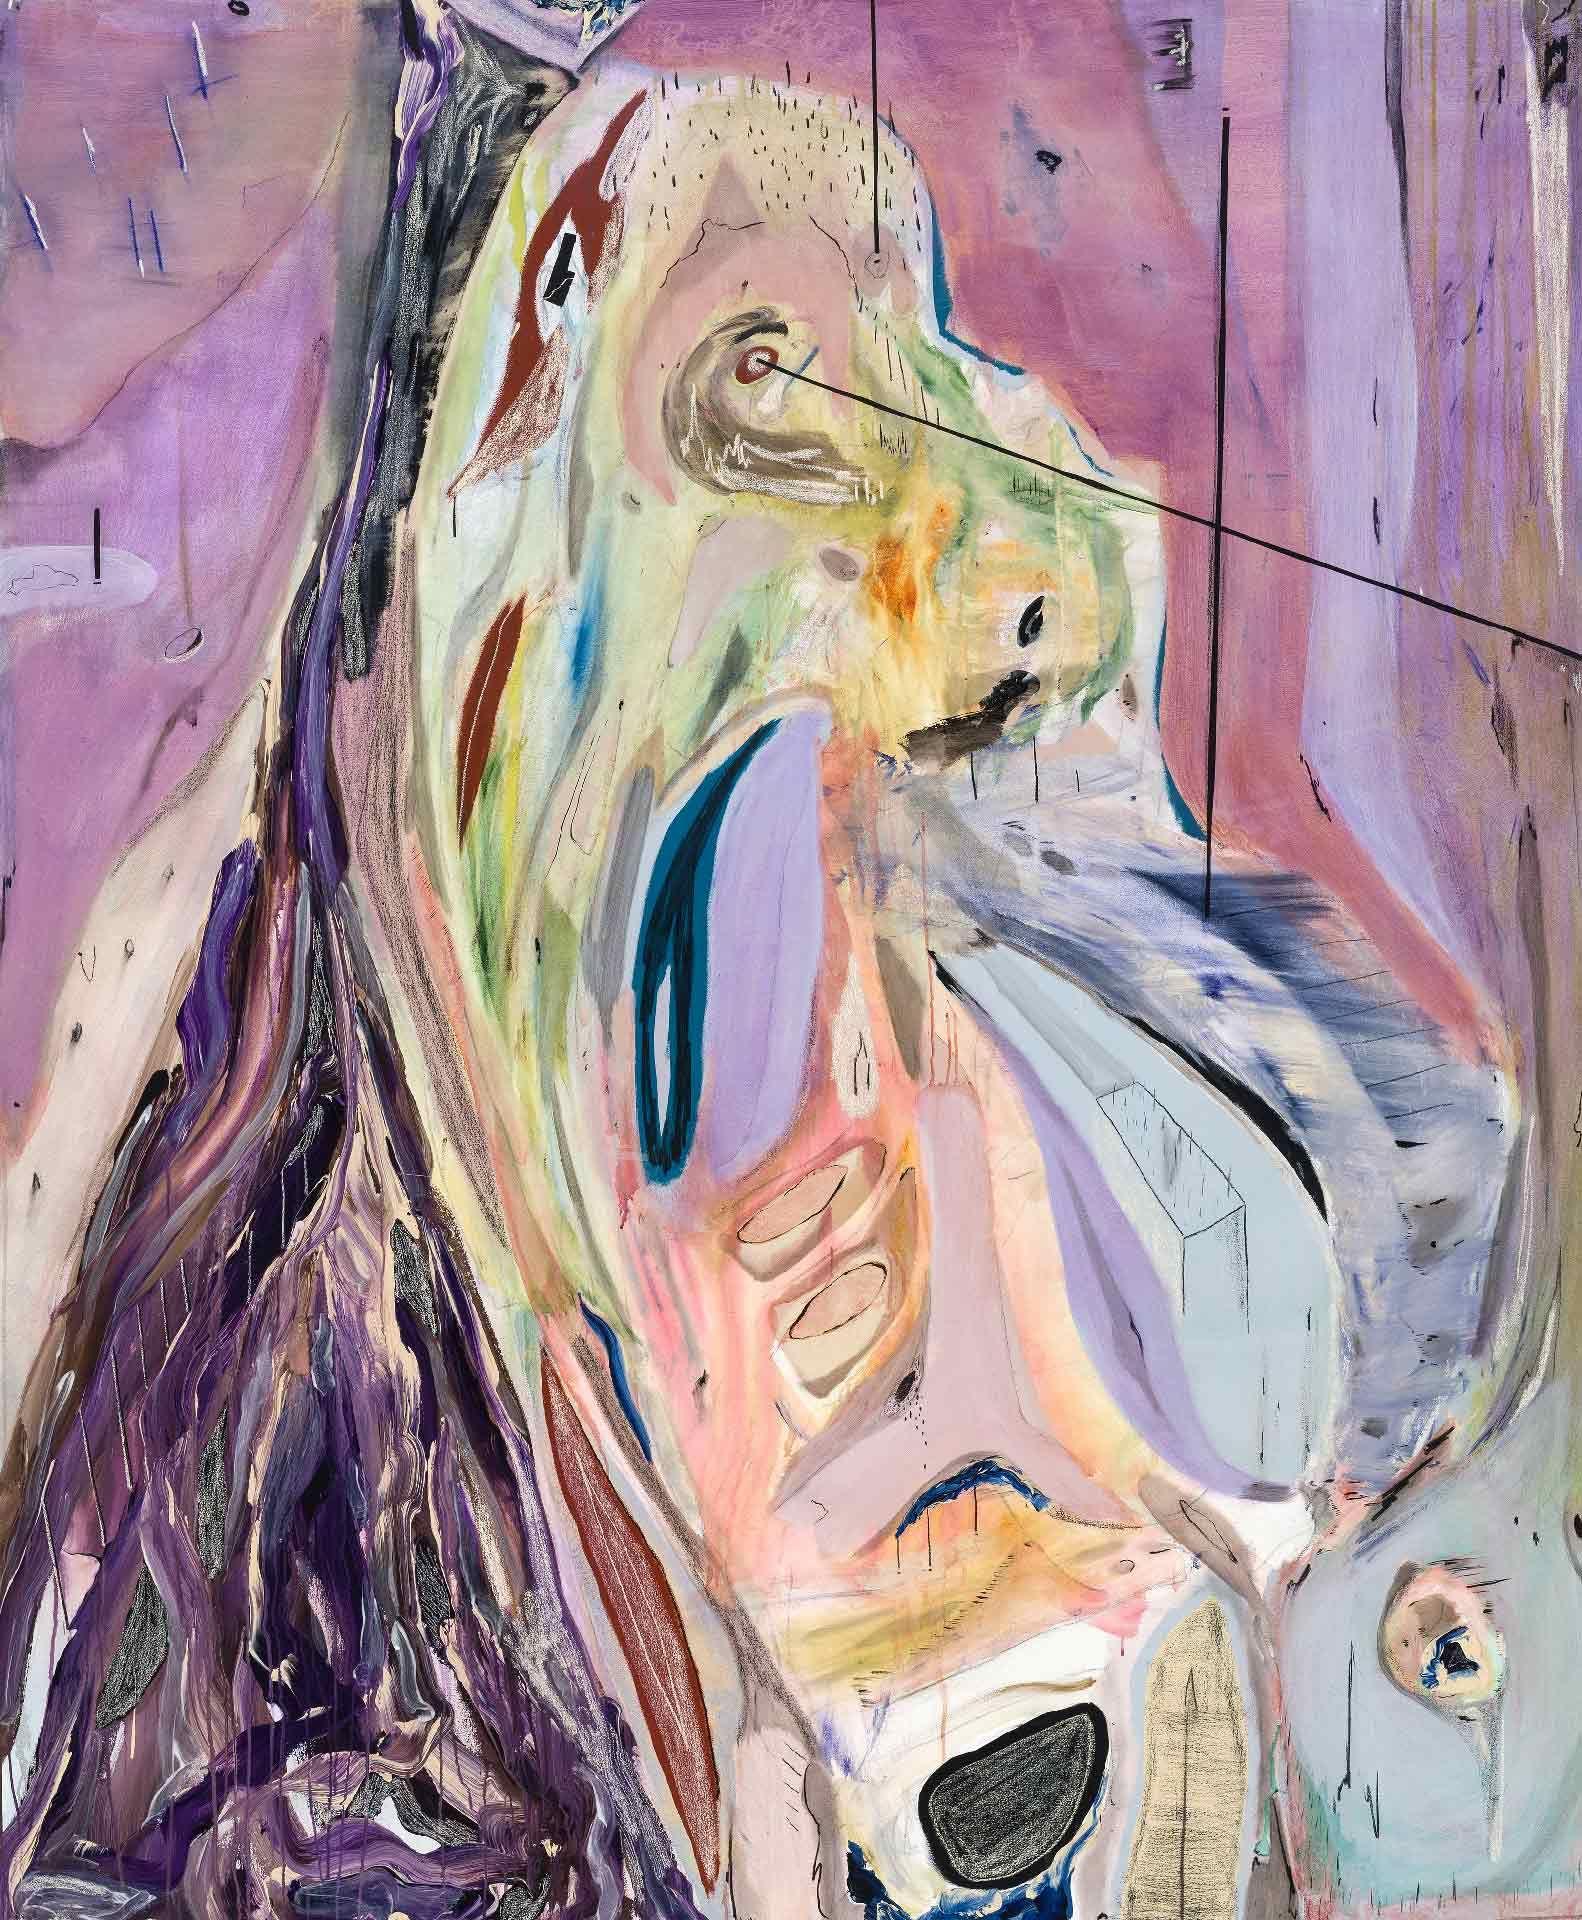 Manuel Mathieu (né en 1986), St Jak, 2018, techniques mixtes. Avec l'aimable concours de l'artiste et Kavi Gupta, Chicago. Photo Guy L'Heureux